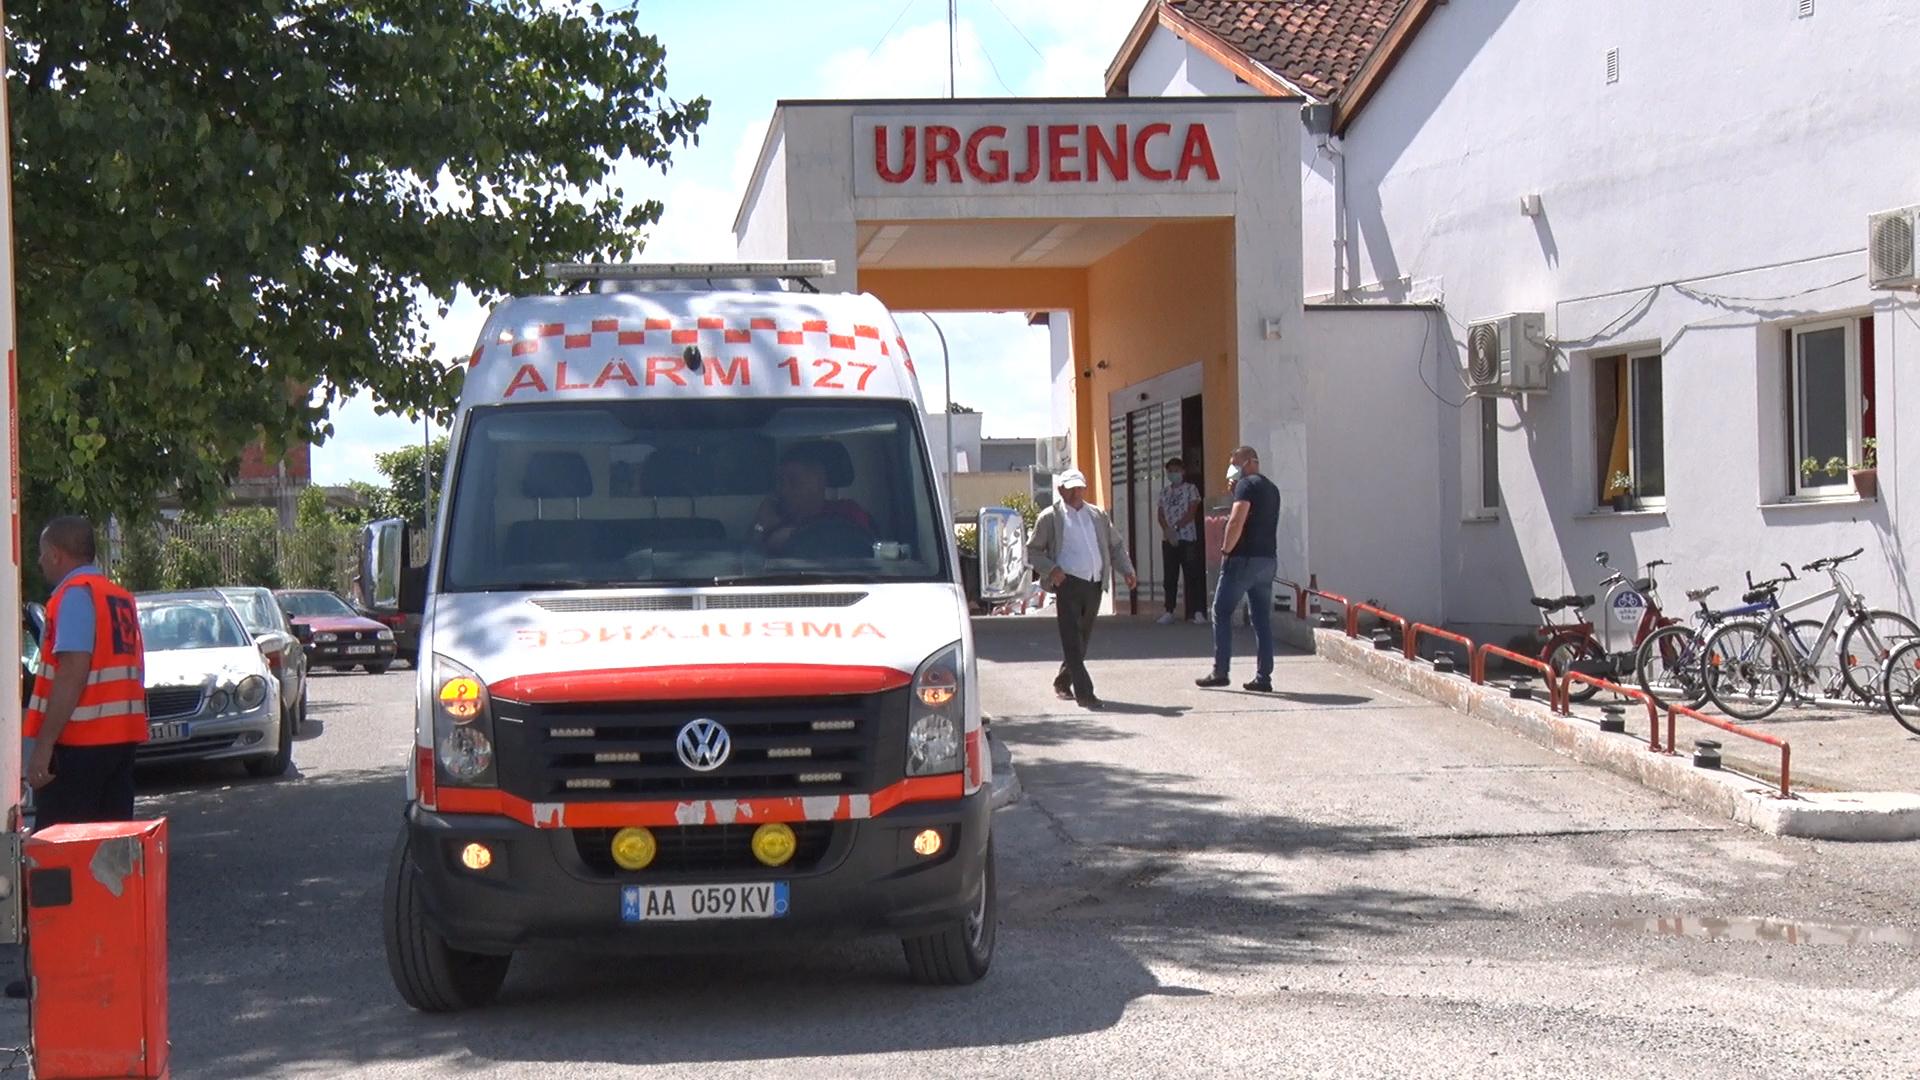 Humbin jetën nga koronavirusi katër persona në spitalin e Shkodrës